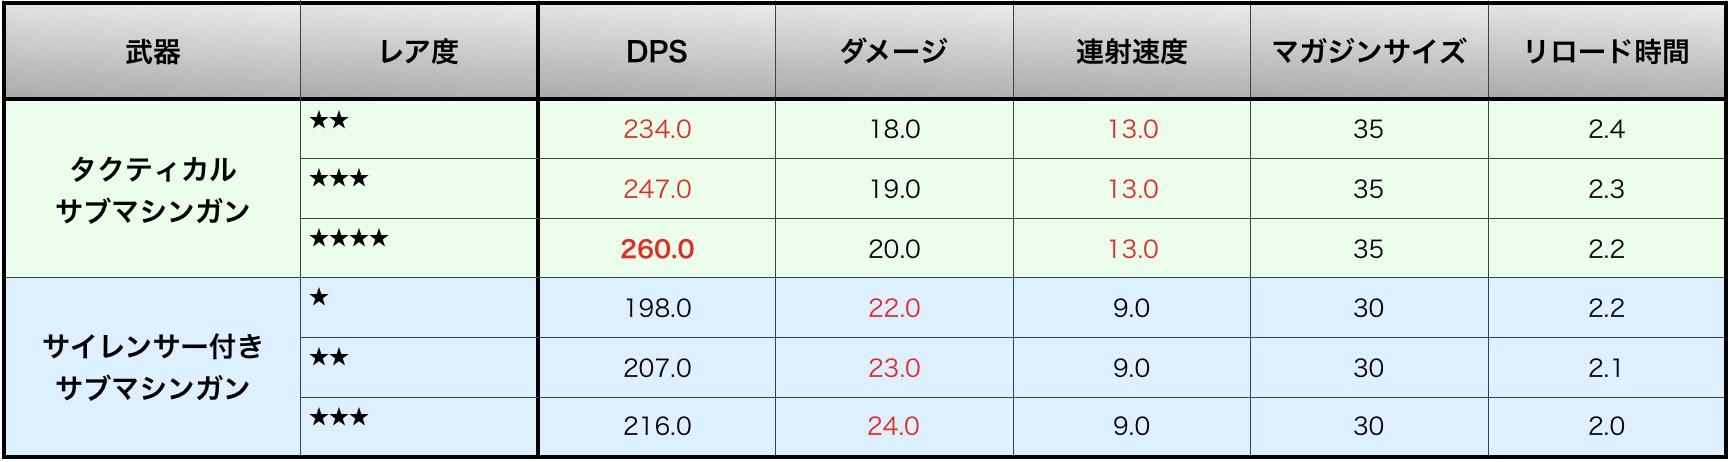 【フォートナイト】サブマシンガン性能を比較